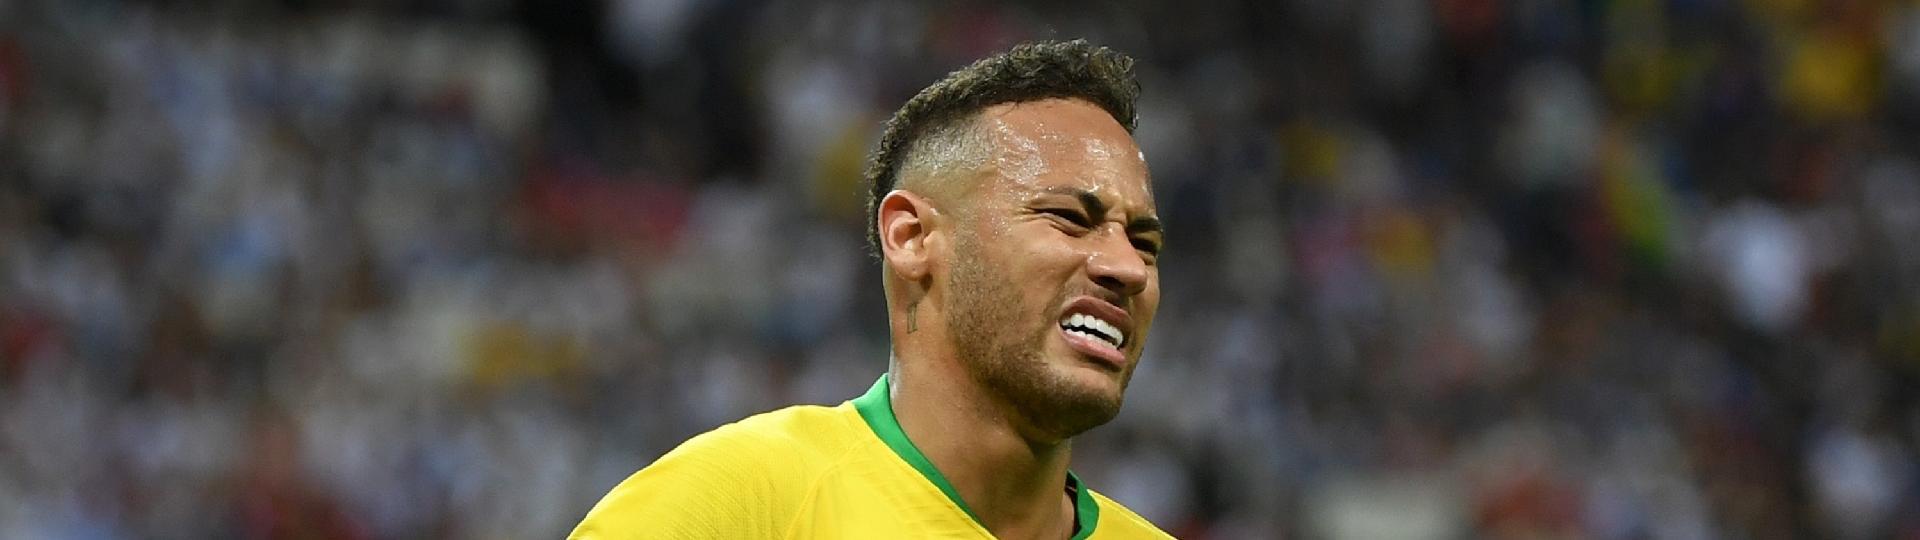 Neymar lamenta chance desperdiçada no jogo entre Brasil e Bélgica